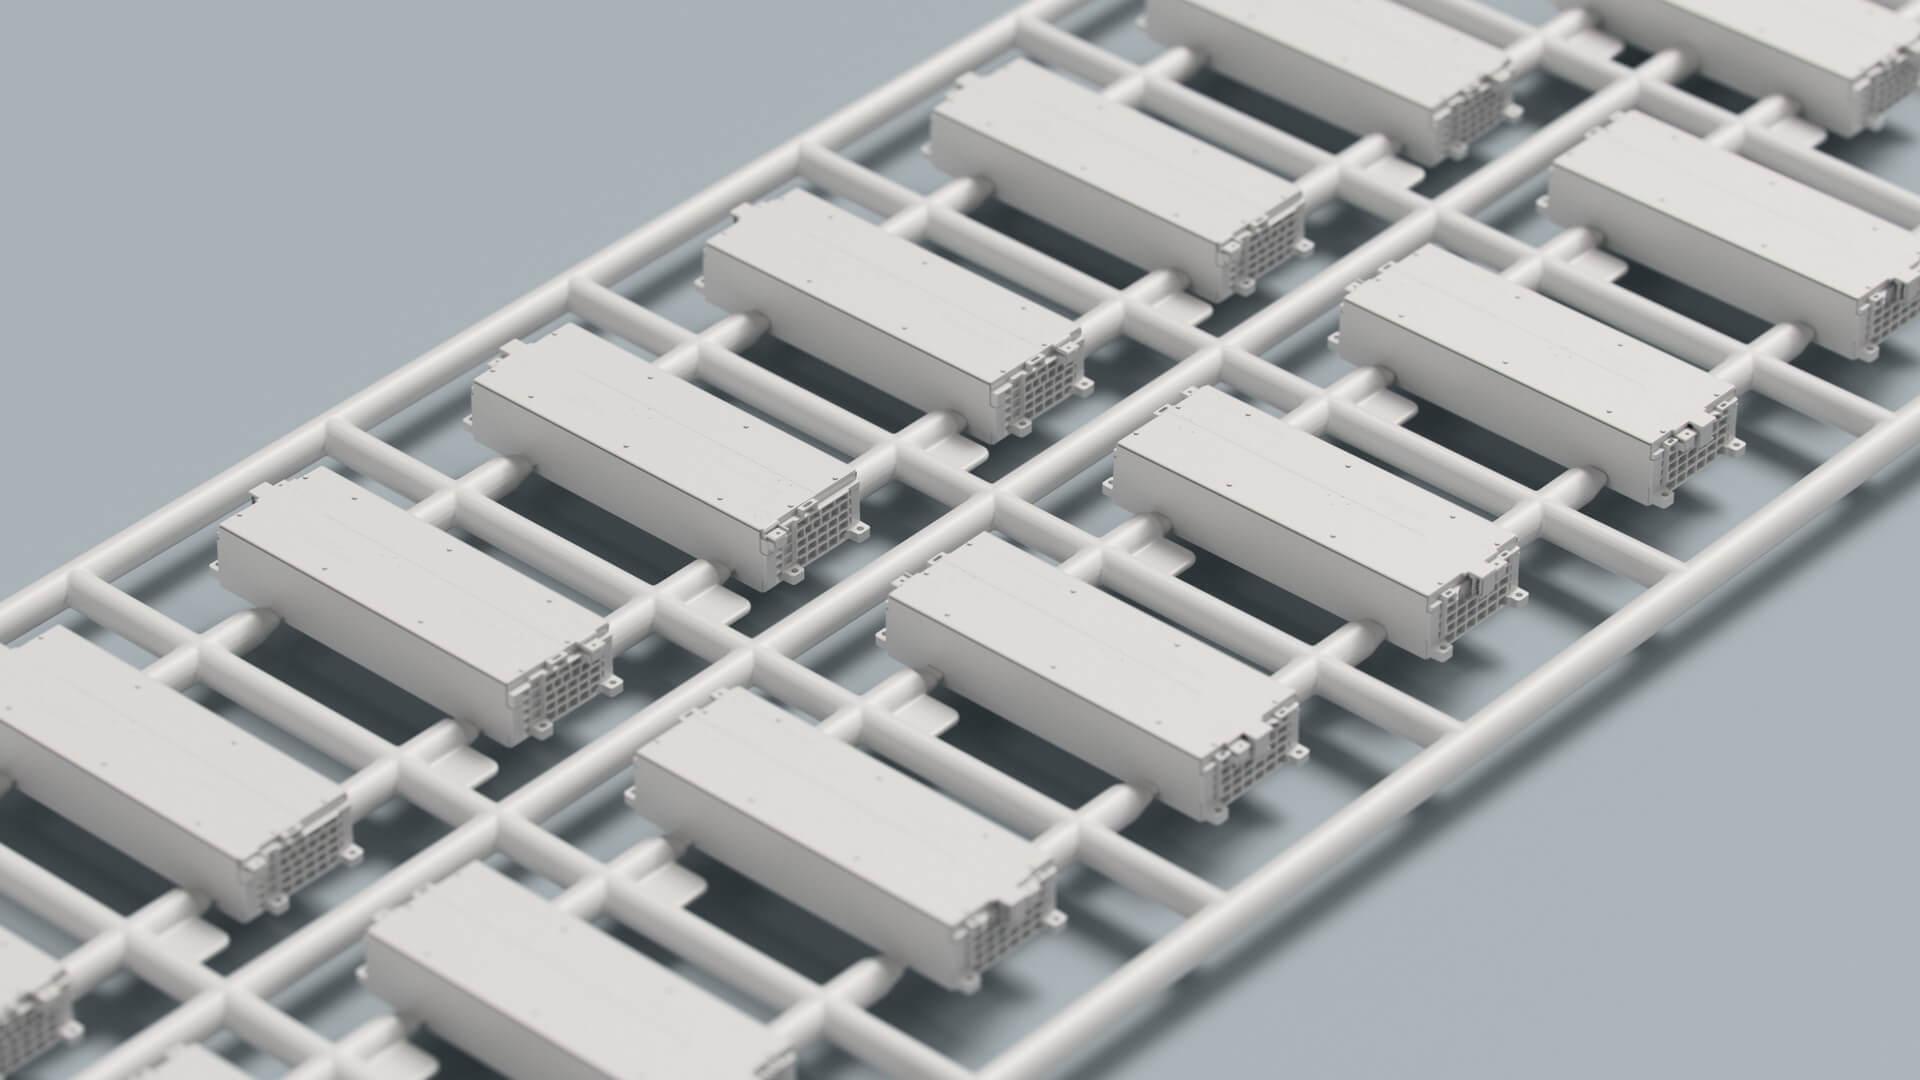 Volvo Cars планирует еще больше увеличить запас хода иинтегрировать аккумуляторную батарею впол автомобиля